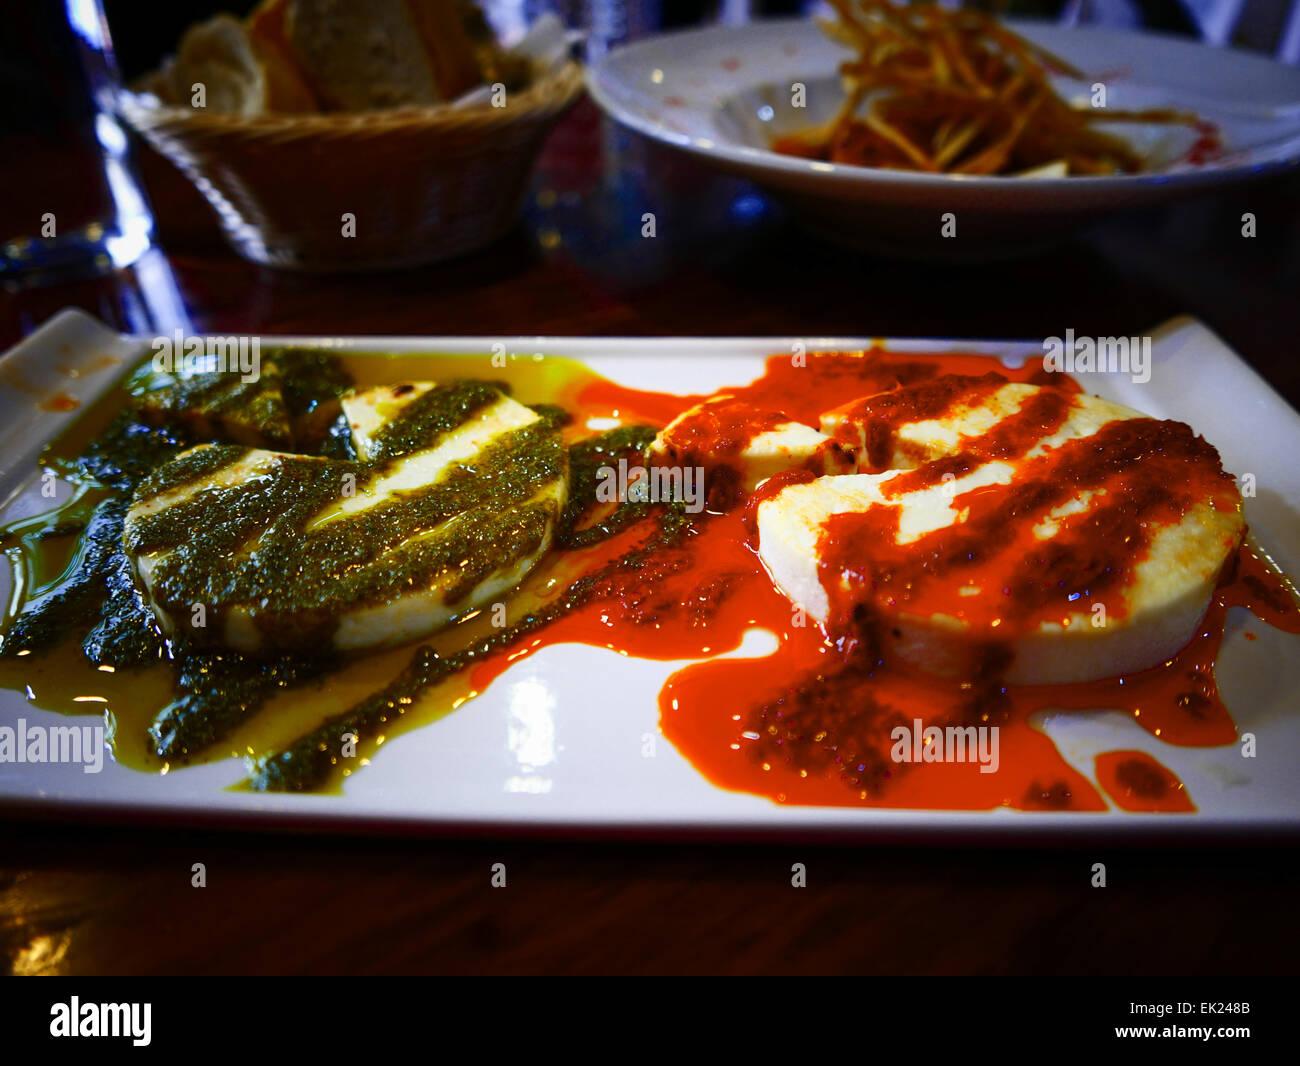 Ziegenkäse mit Mojo-Sauce Teneriffa Insel Kanaren Spanien Stockbild